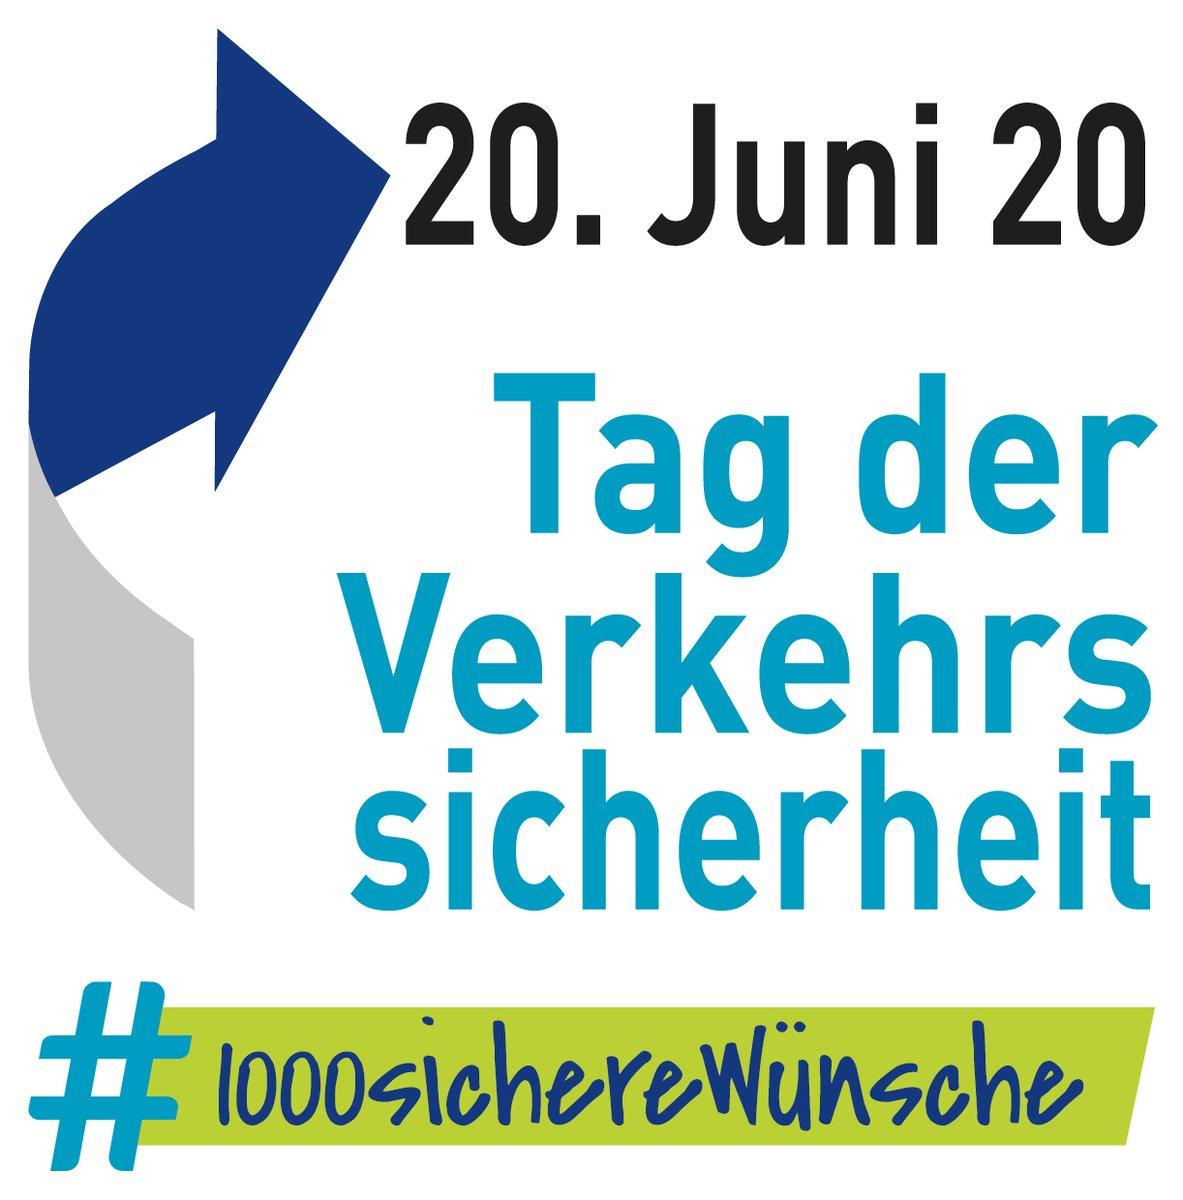 #1000sichereWünsche